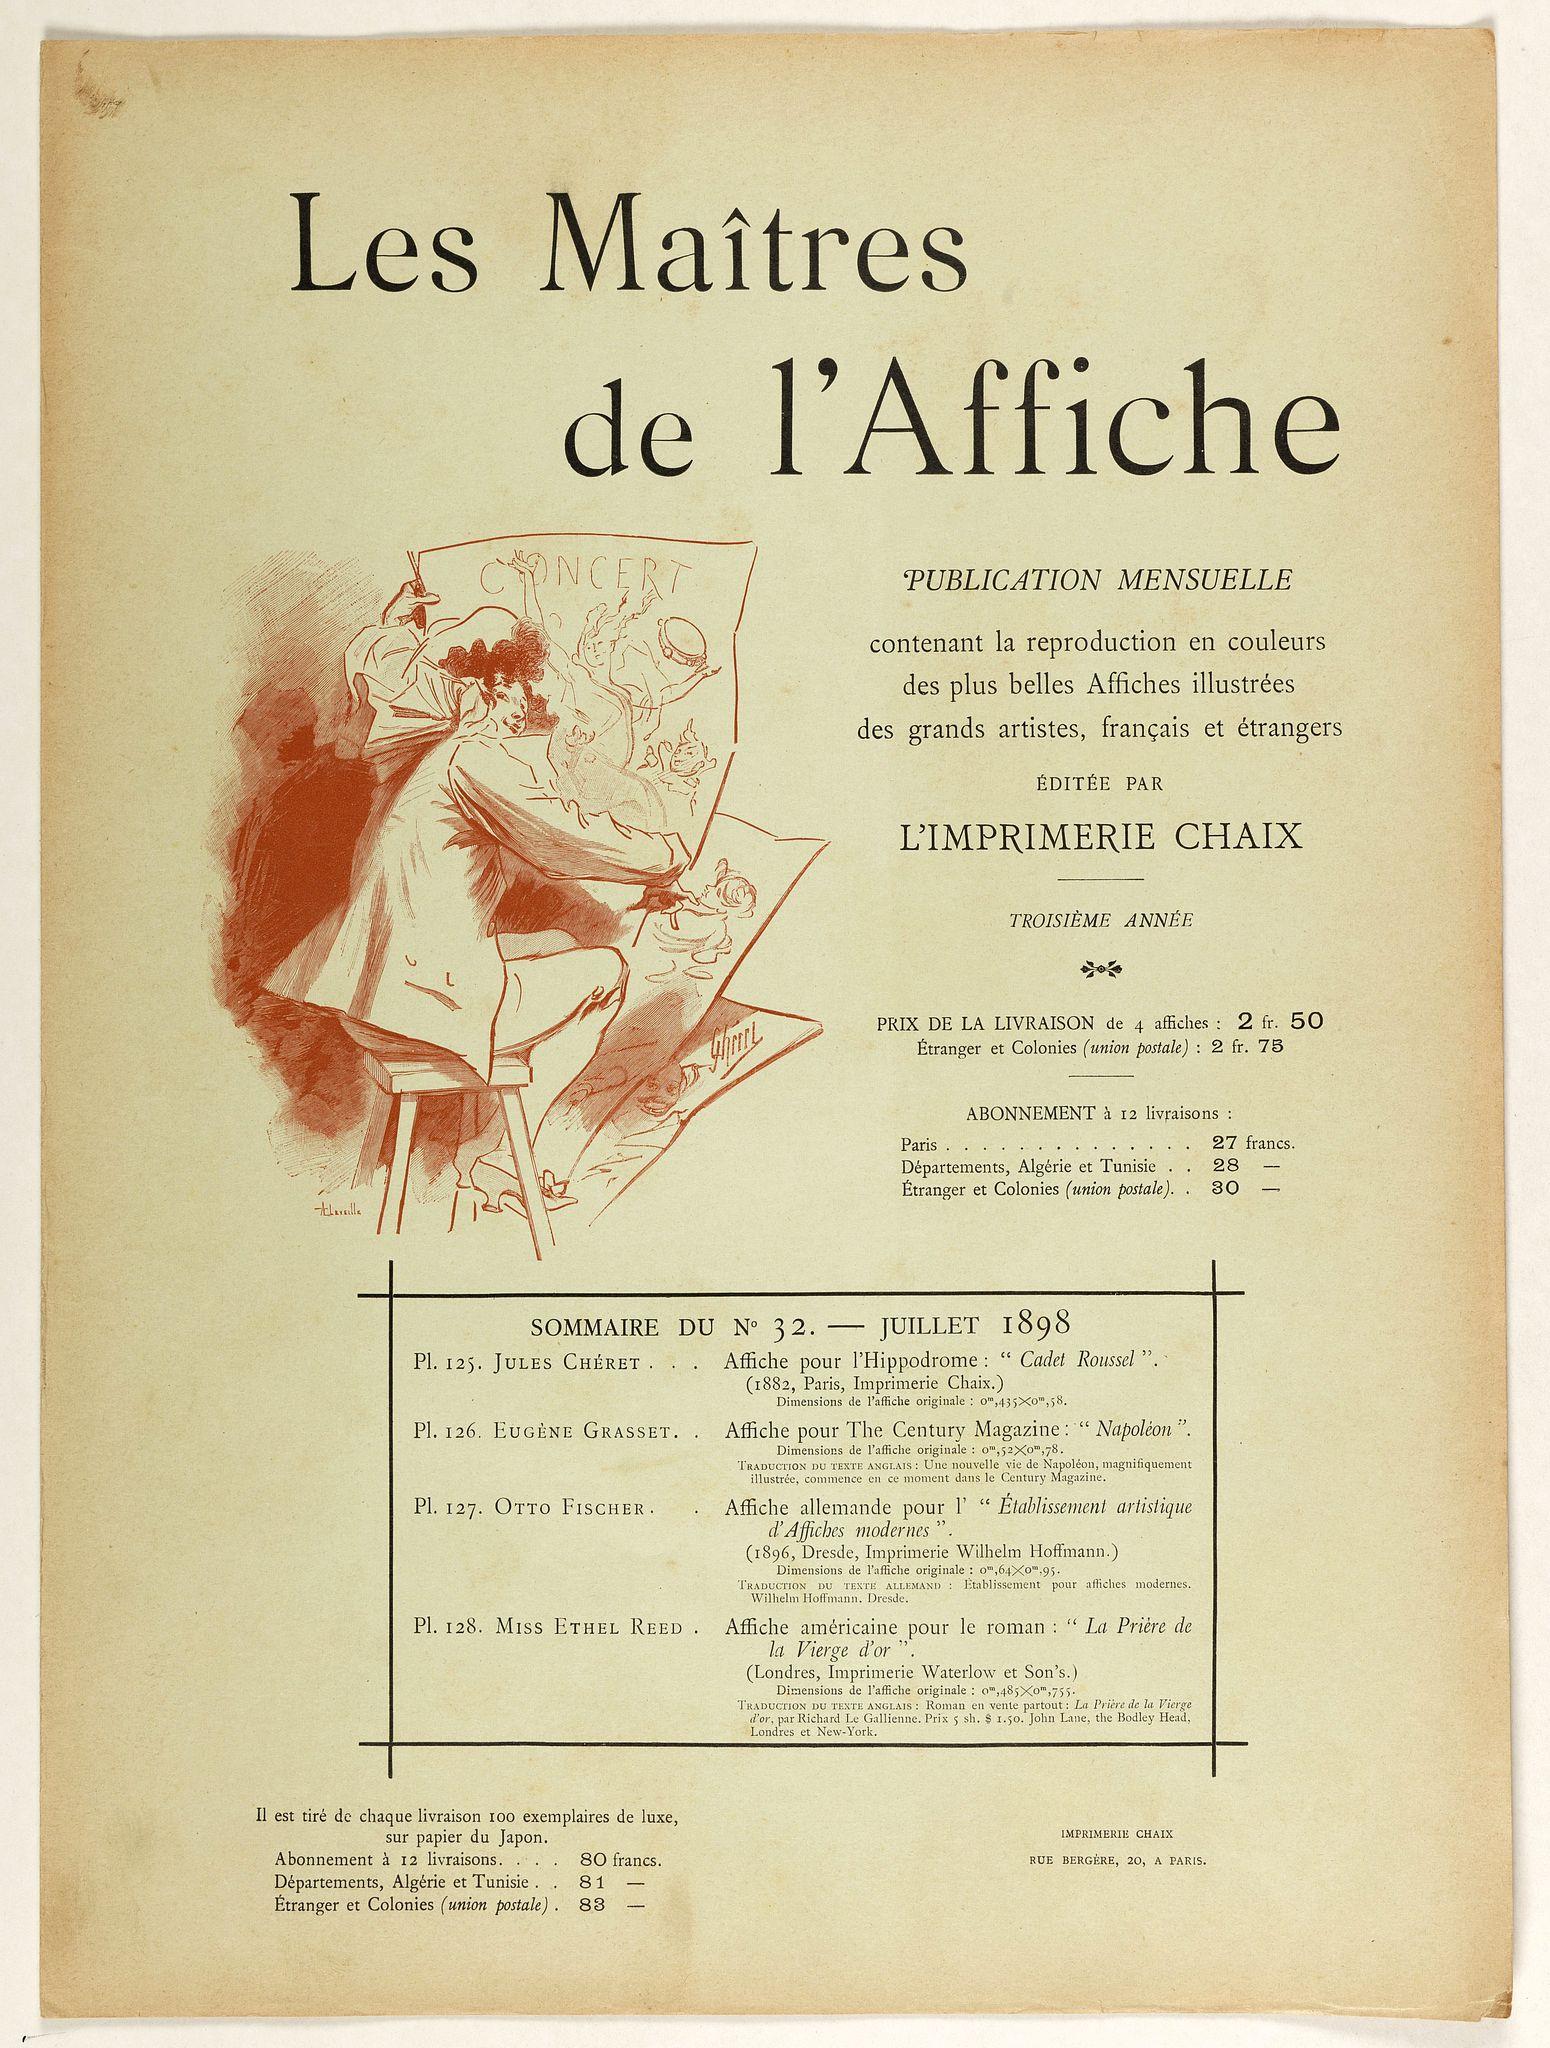 LES MAITRES DE L'AFFICHE -  Sommaire du n°32 - Juillet 1898.